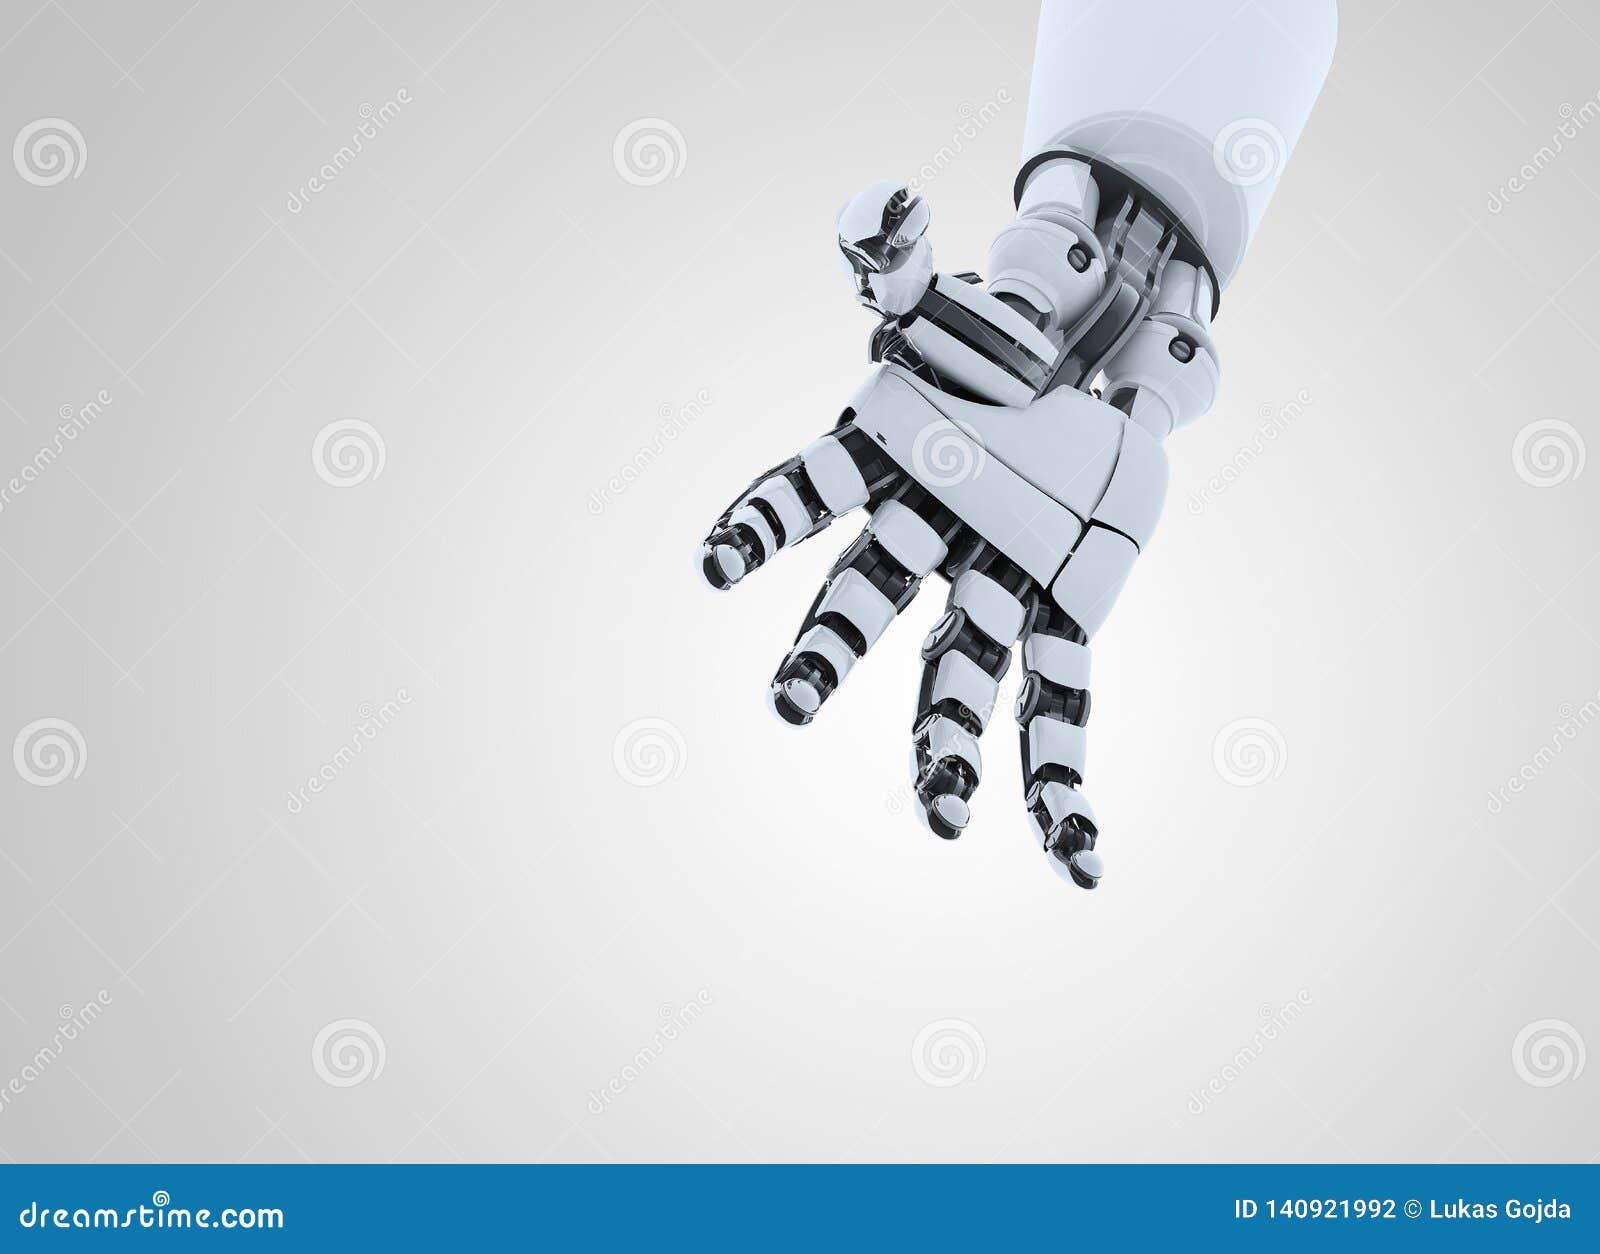 Жест показа руки робота, изолированный на белой предпосылке